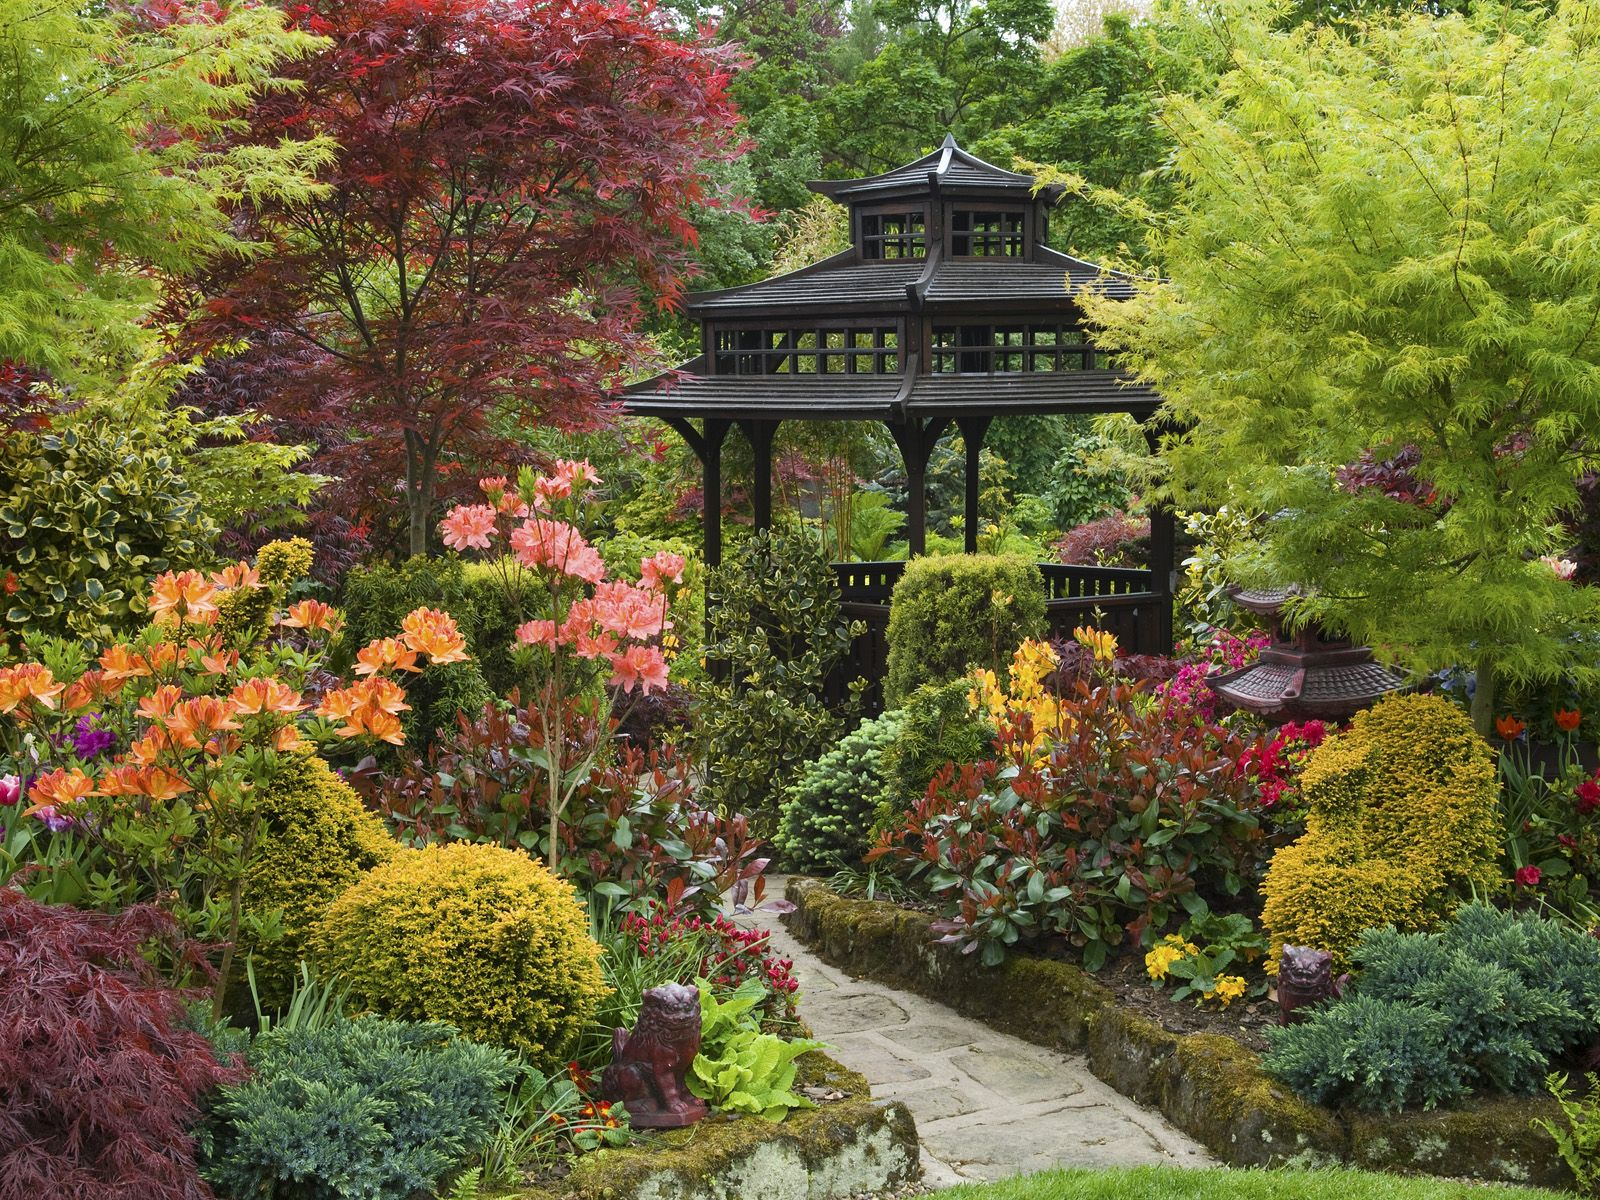 Zen Style Garden, Walsall, England